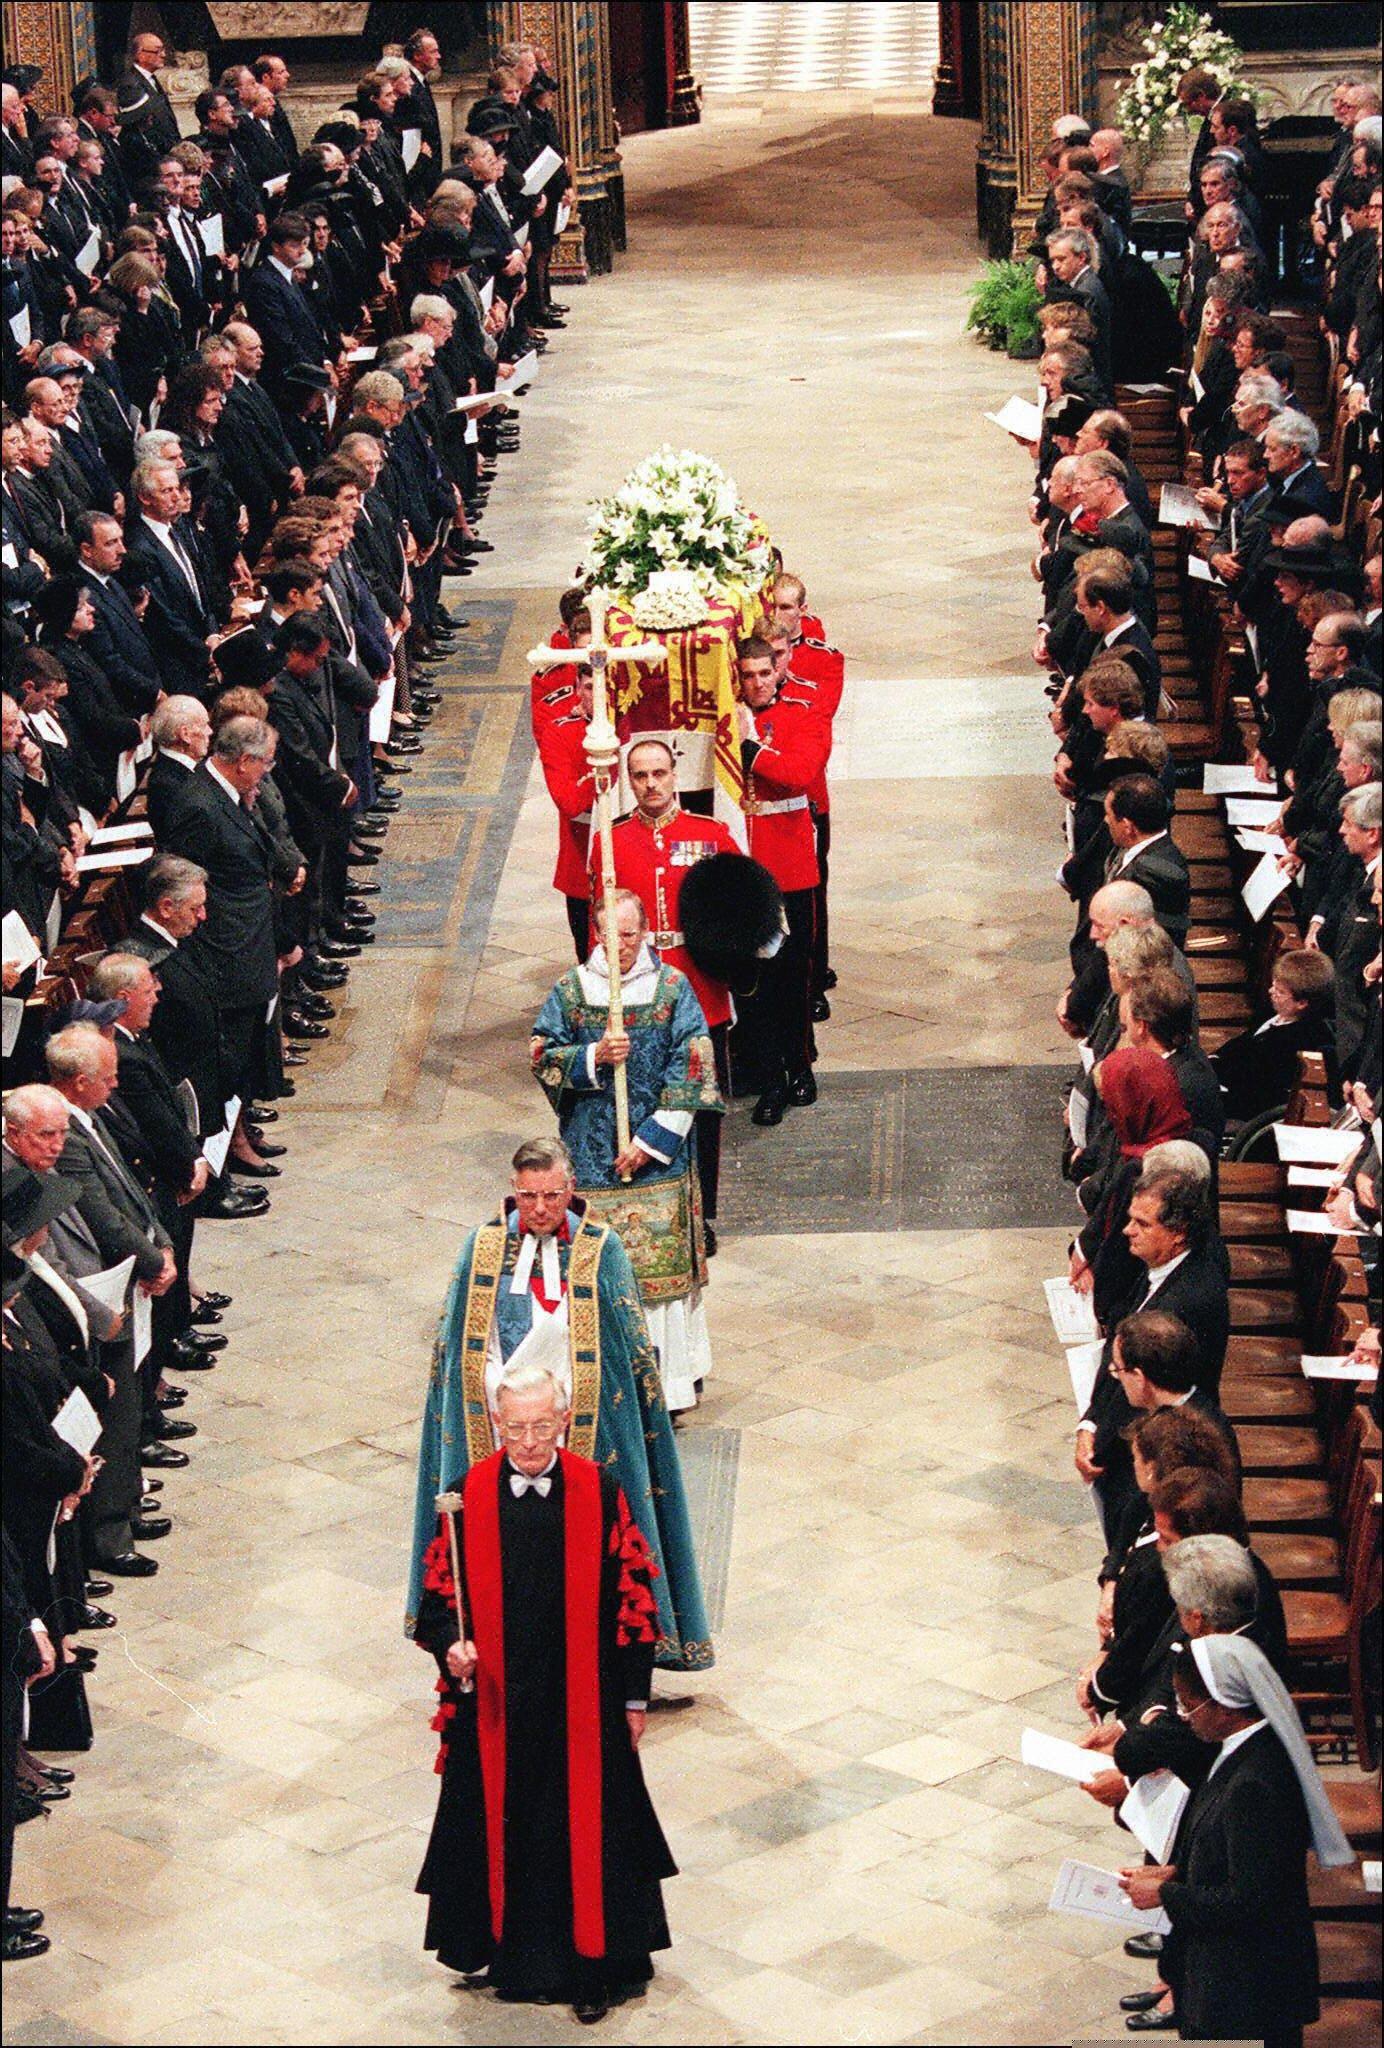 الجنازة فى الكنيسة